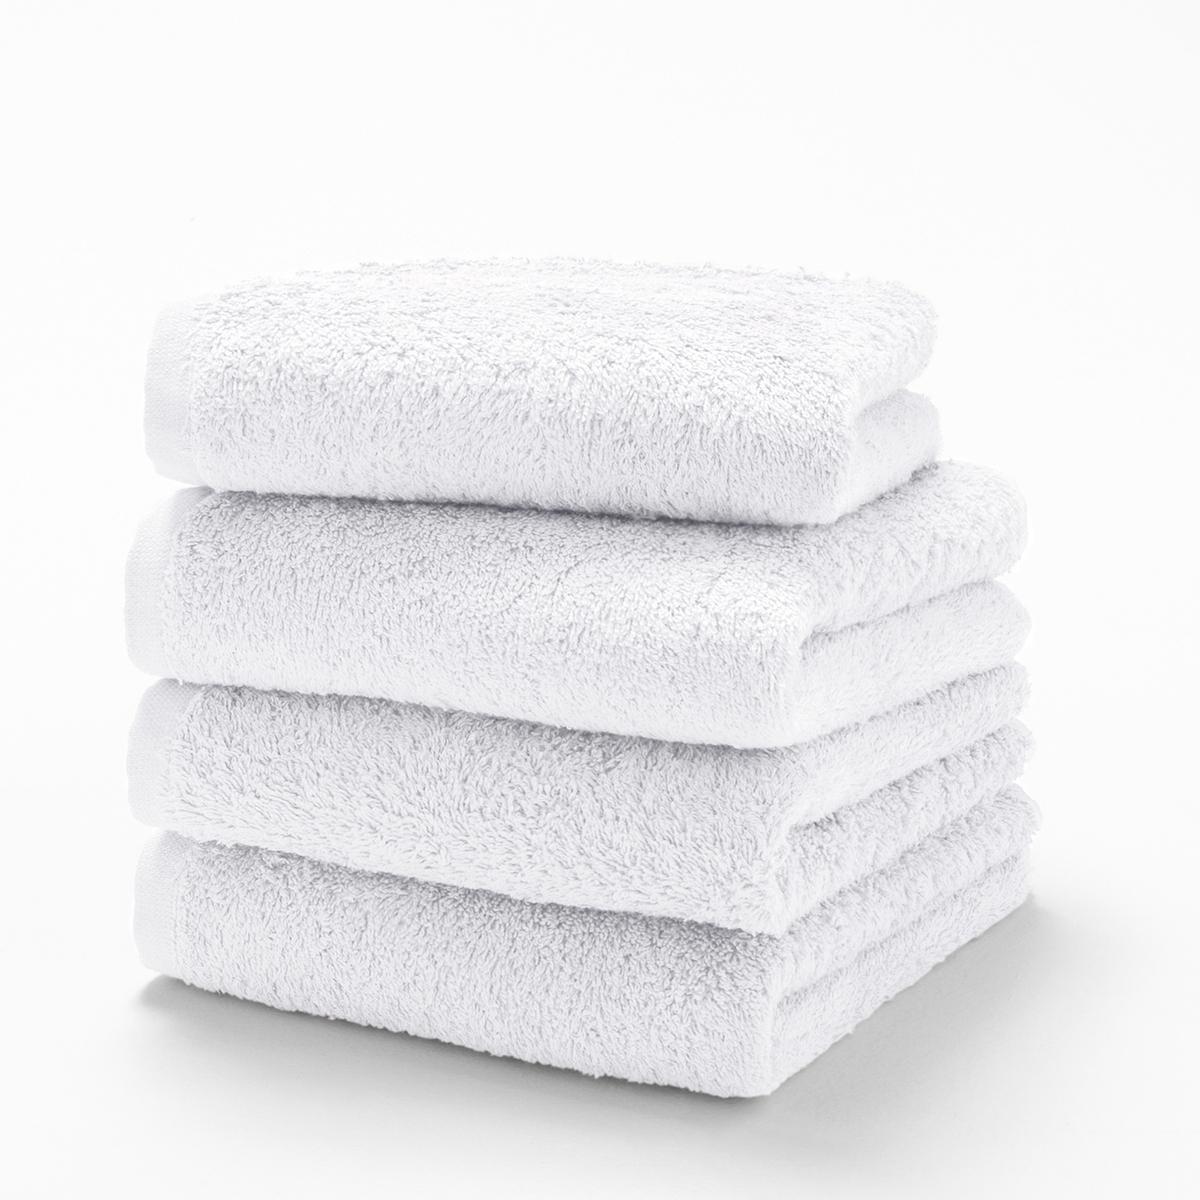 Комплект гостевых полотенец 500 гм La Redoute SCENARIO 40 x 40 см белый комплект из банных принадлежностей la redoute из махровой ткани гм scenario единый размер белый